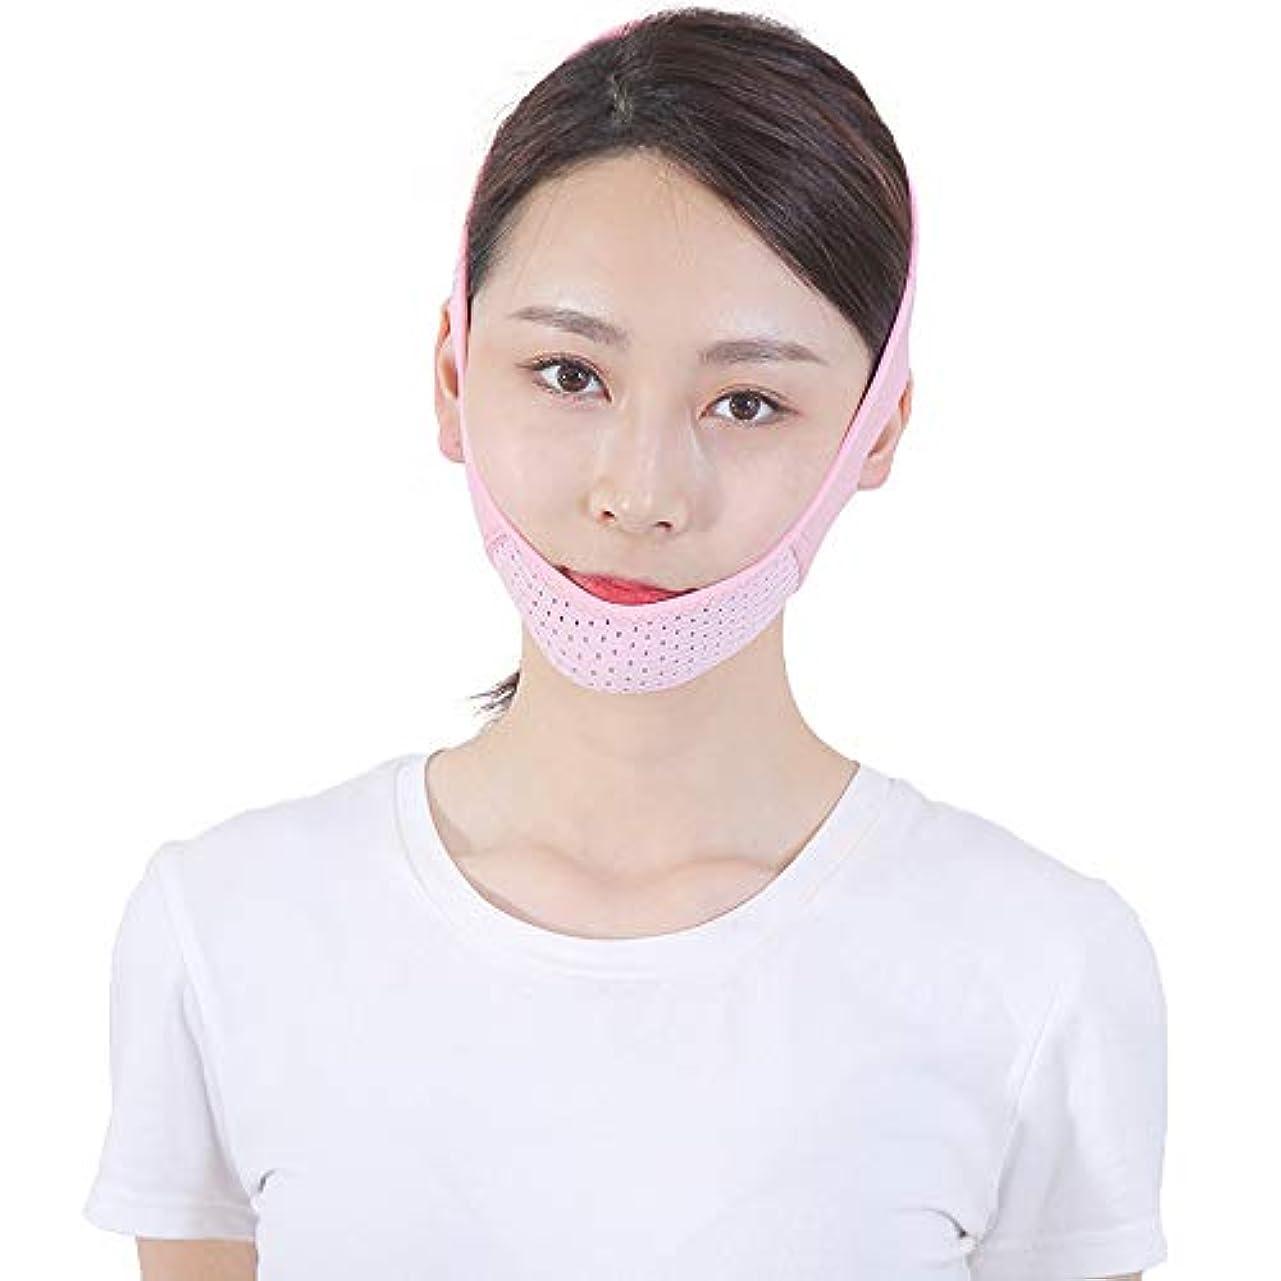 キャロライン評価可能調停者Jia Jia- フェイシャルリフティング痩身ベルトフェイススリムゲットダブルチンアンチエイジングリンクルフェイスバンデージマスクシェイピングマスク顔を引き締めるダブルチンワークアウト 顔面包帯